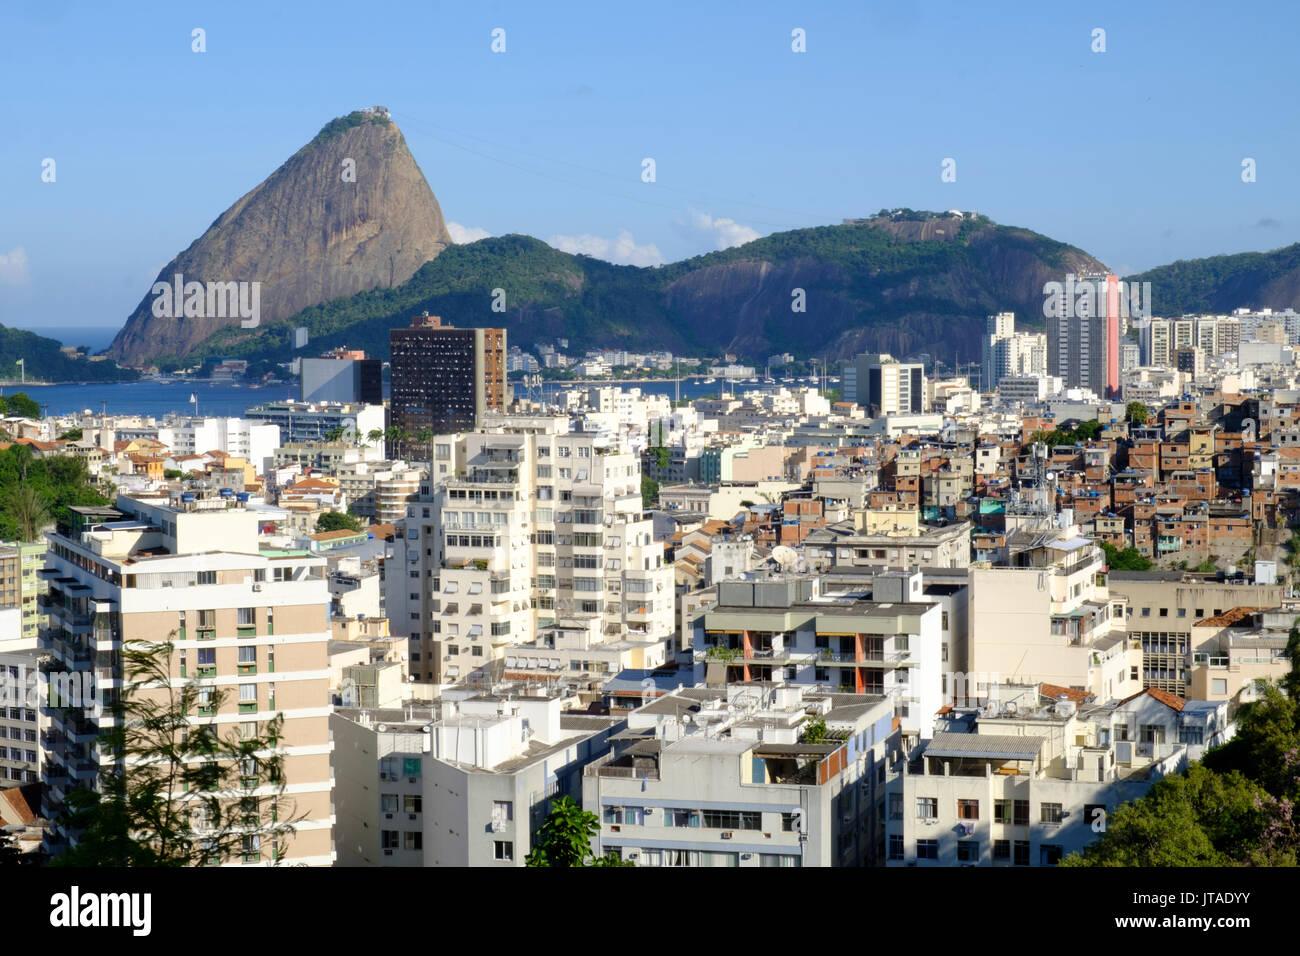 Vista di una favela con il Pan di Zucchero in background, Rio de Janeiro, Brasile, Sud America Immagini Stock